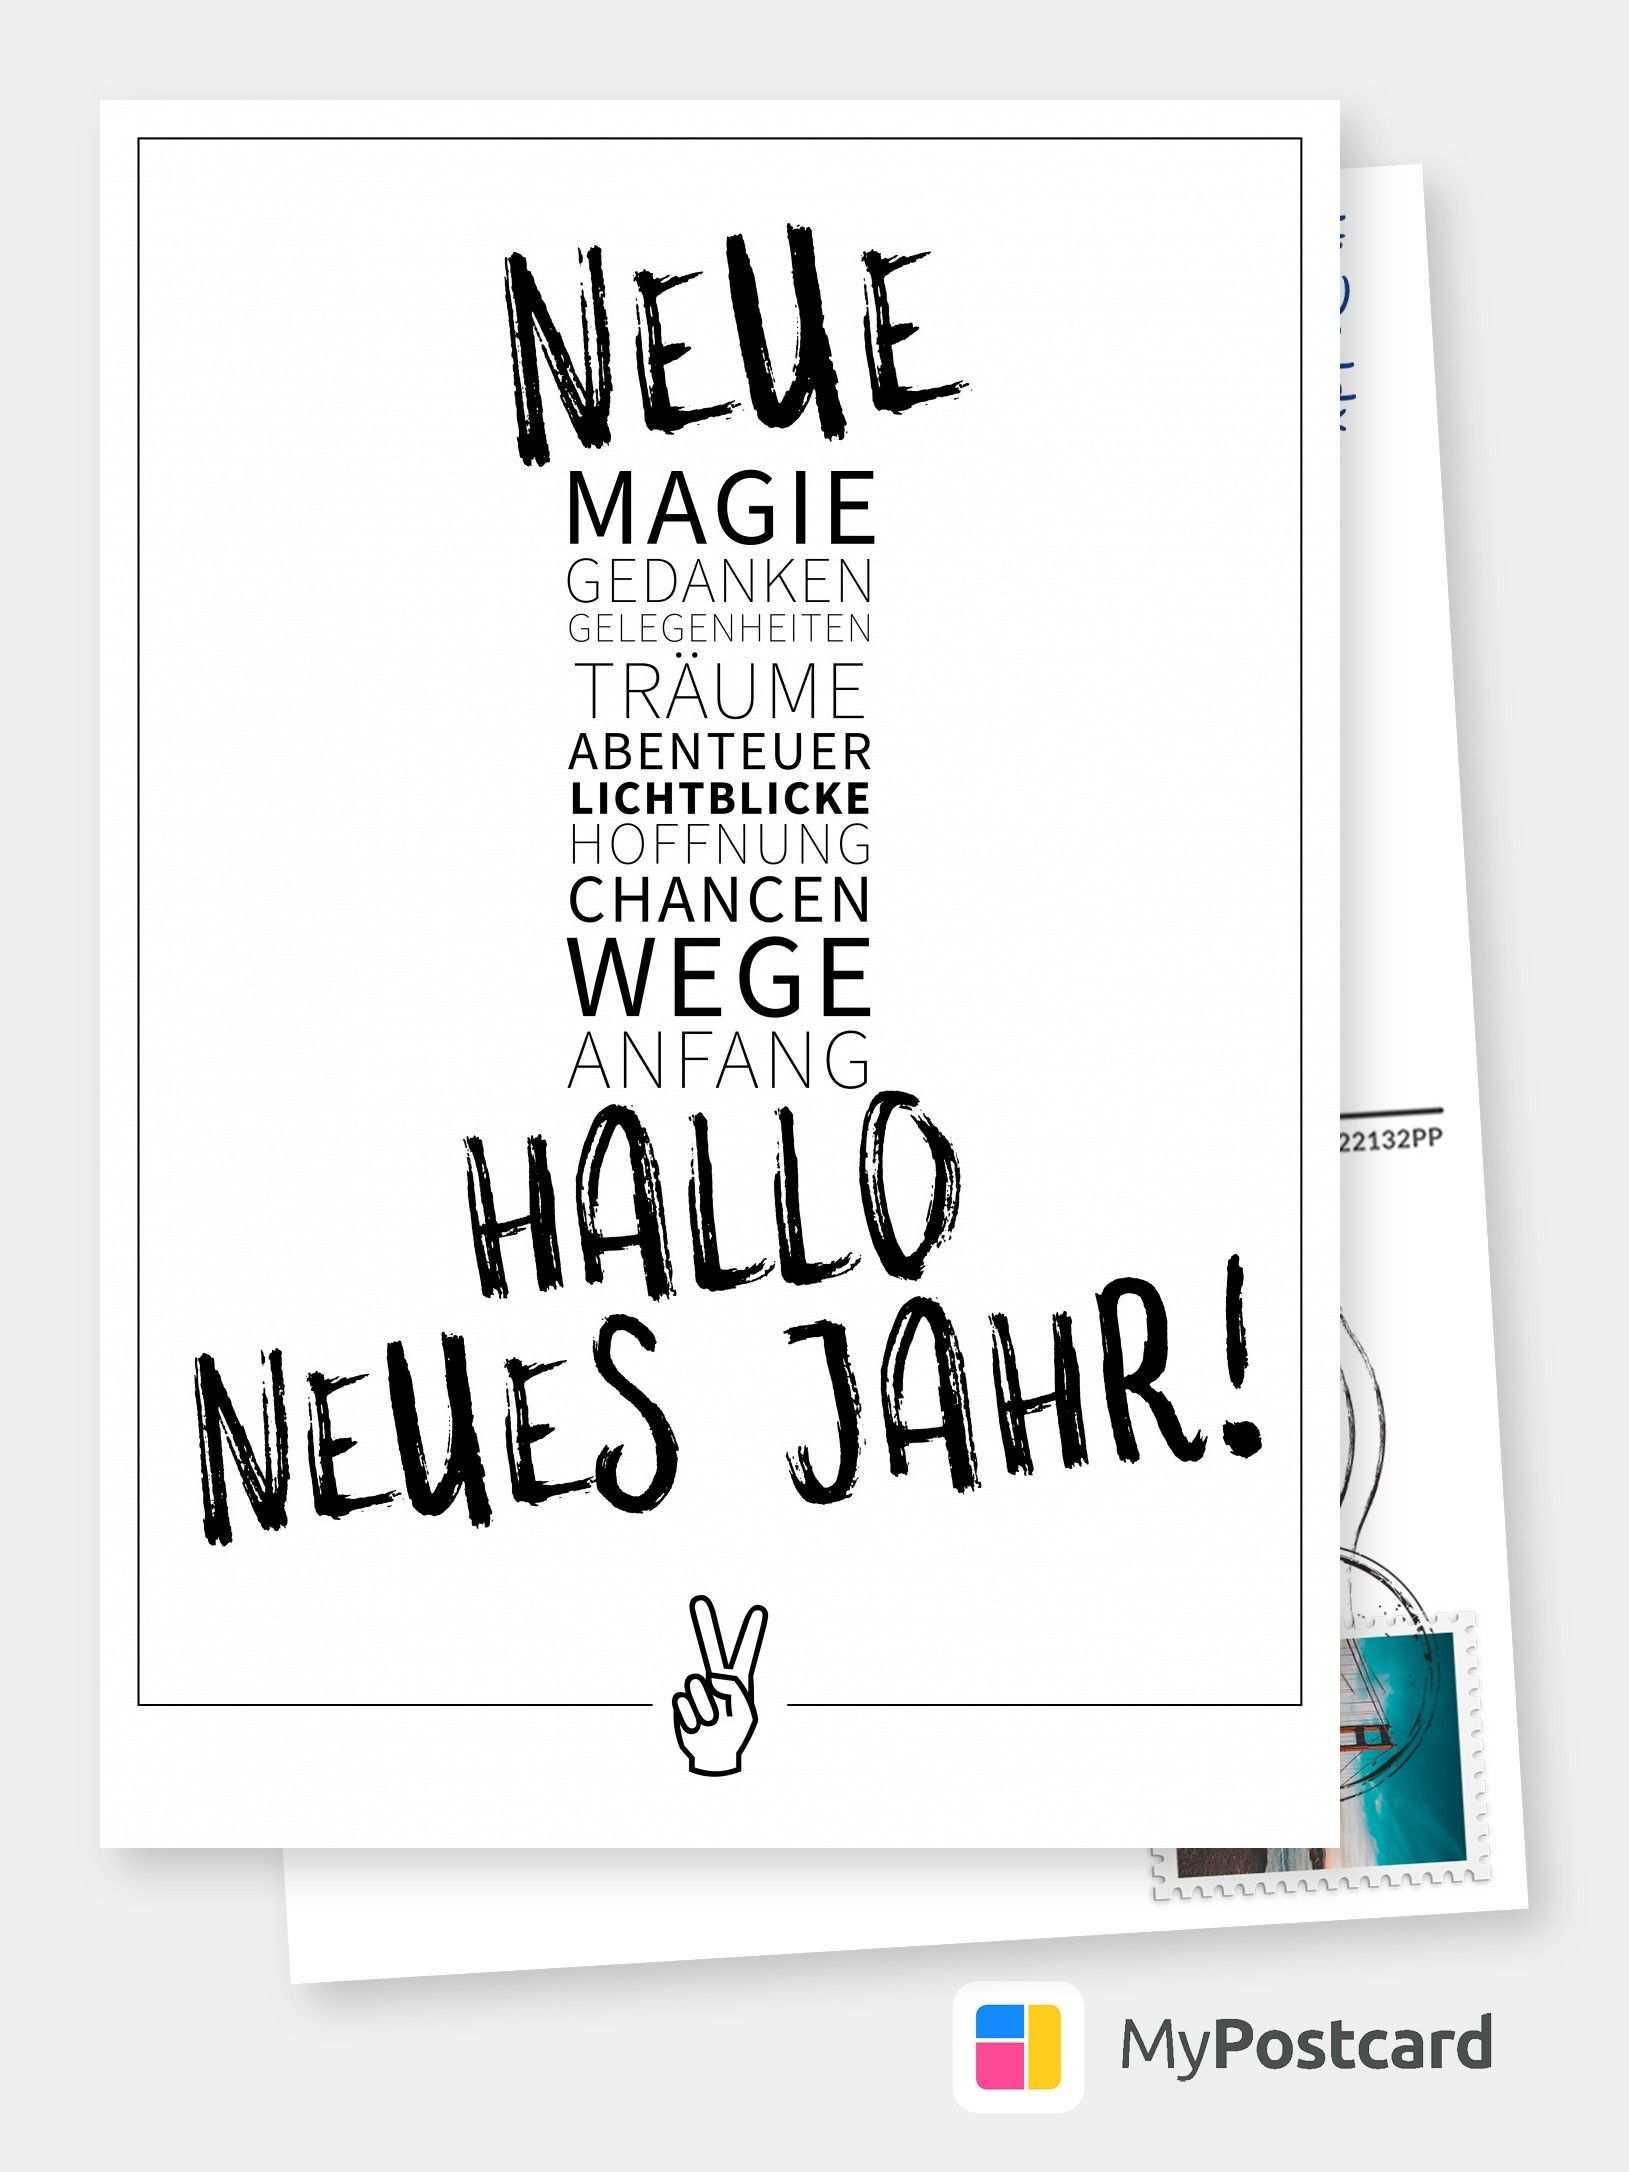 Neujahrswunsche Neue Magie Frohes Neues Jahr 2021 Echte Postkarten Online Versenden Neujahrswunsche Spruche Frohes Neues Jahr Lustig Lustiges Neues Jahr